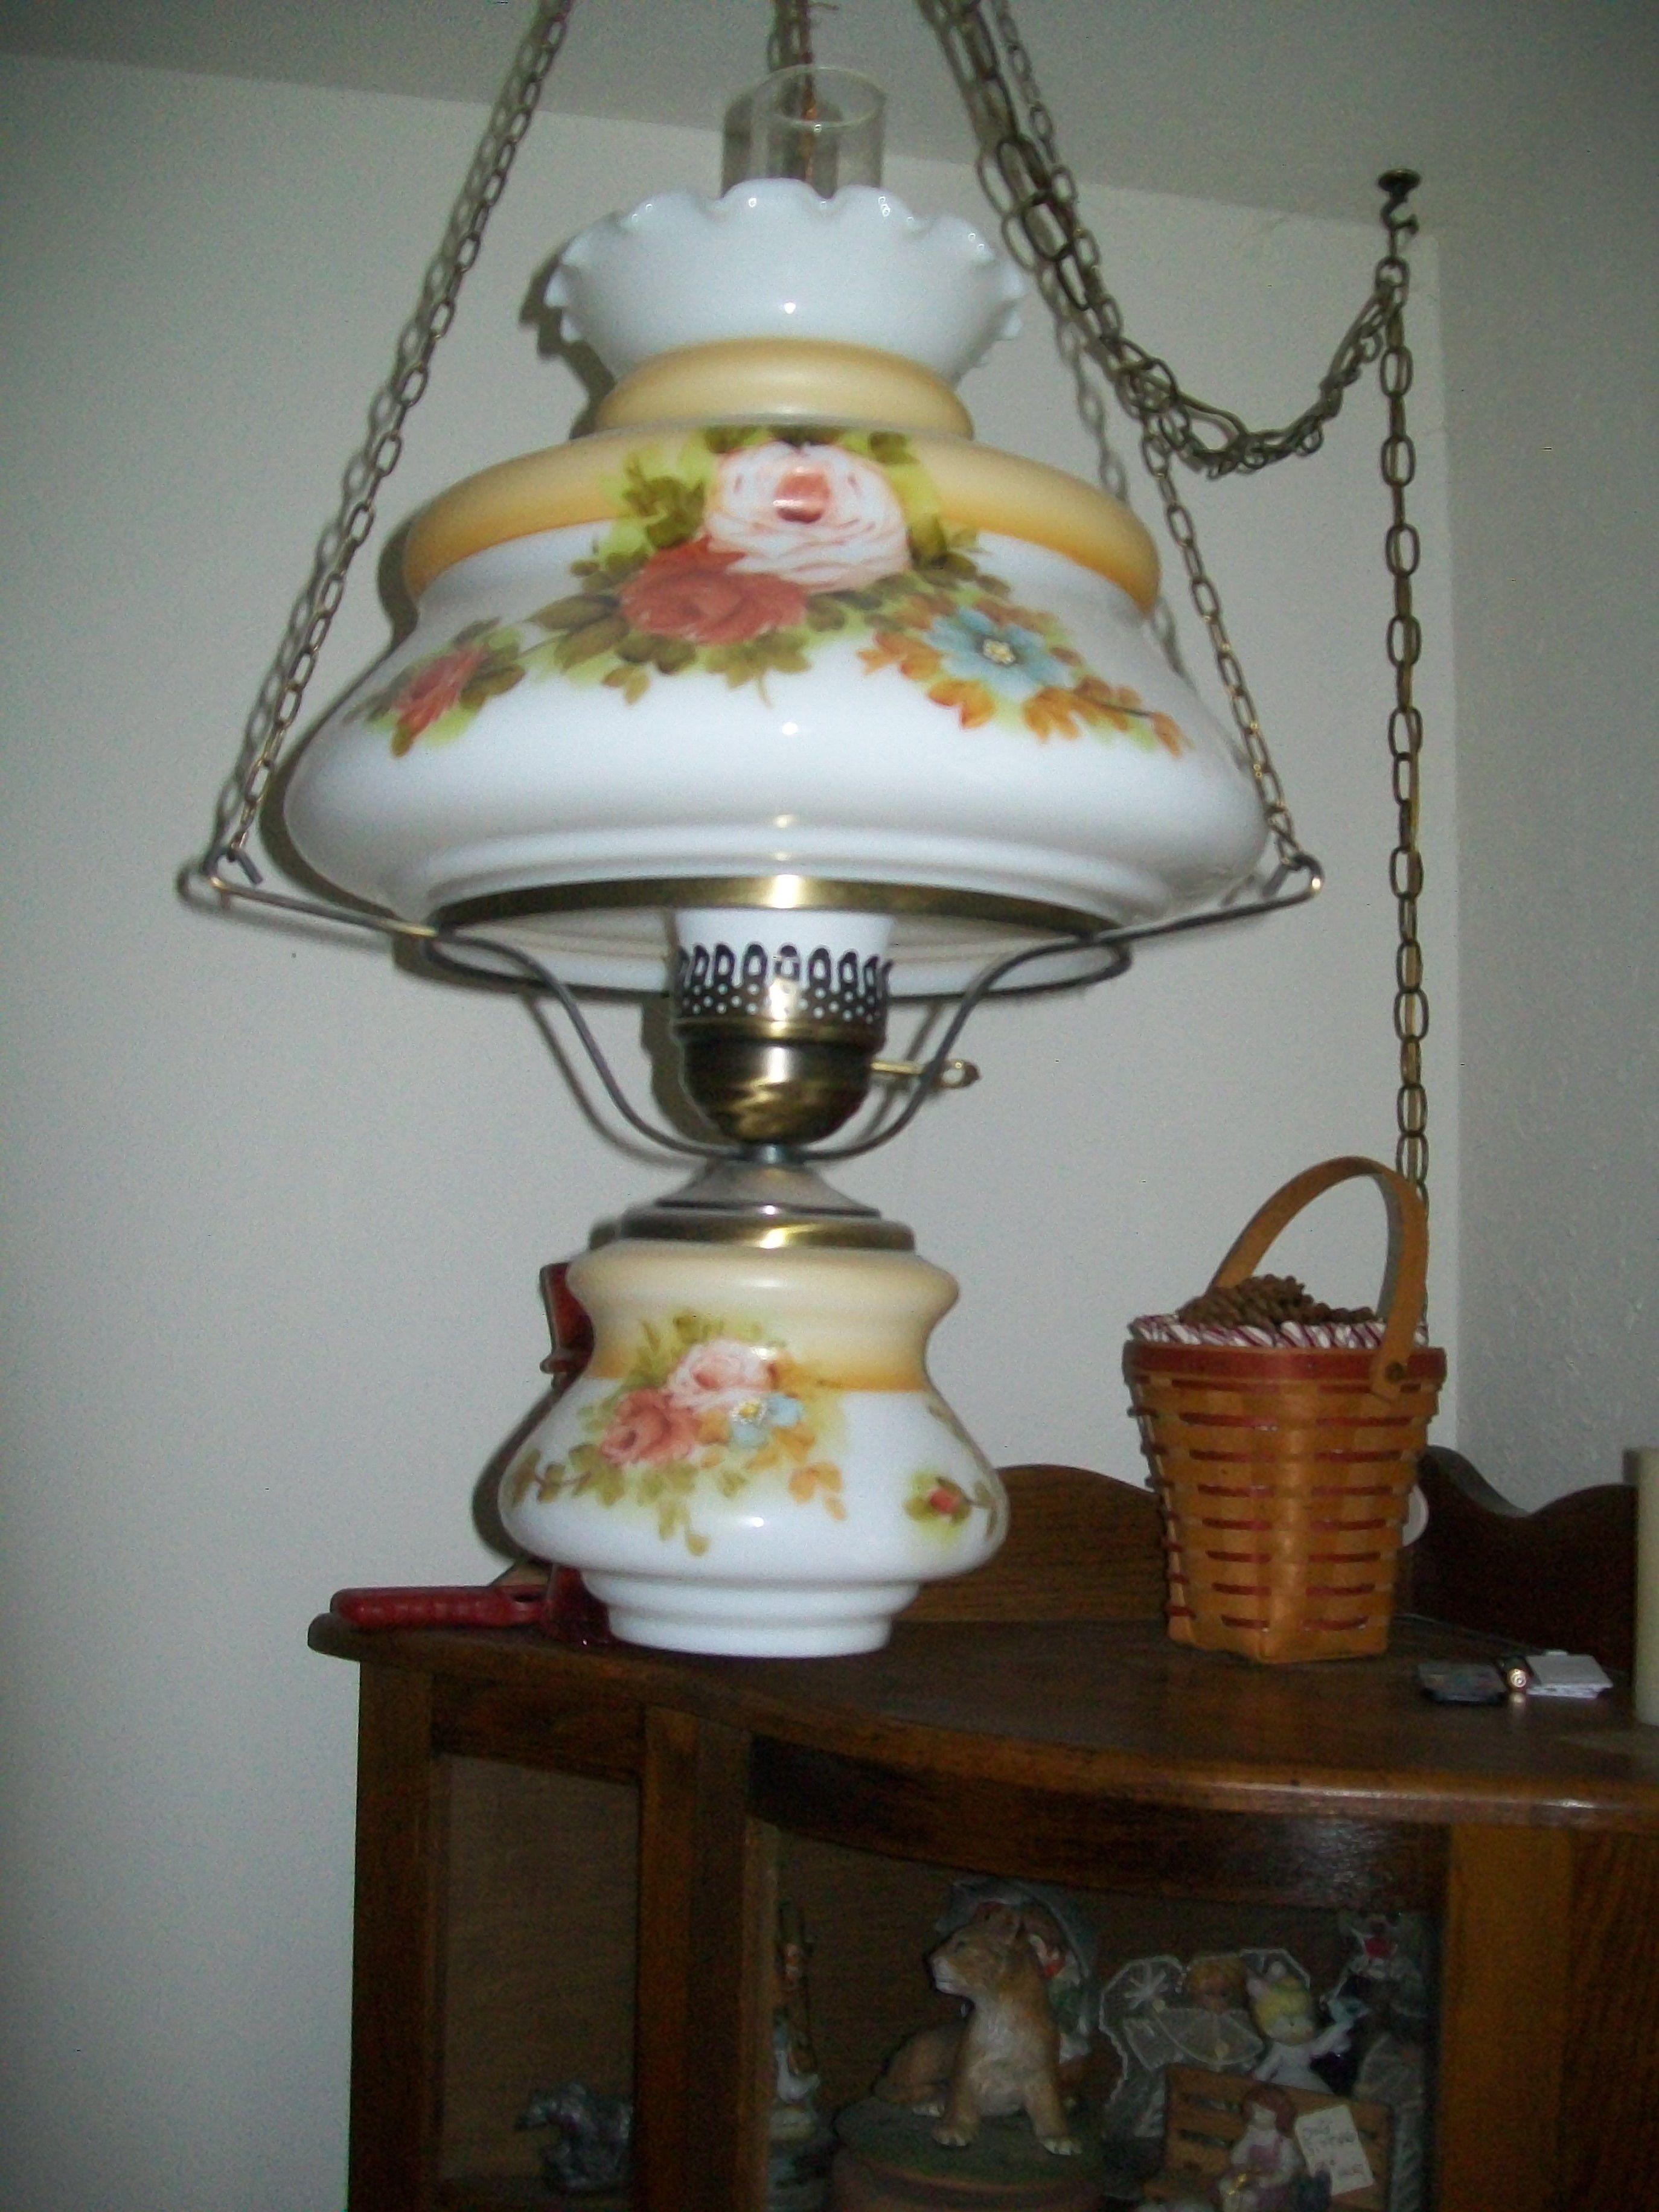 Hanging Lamp image 1